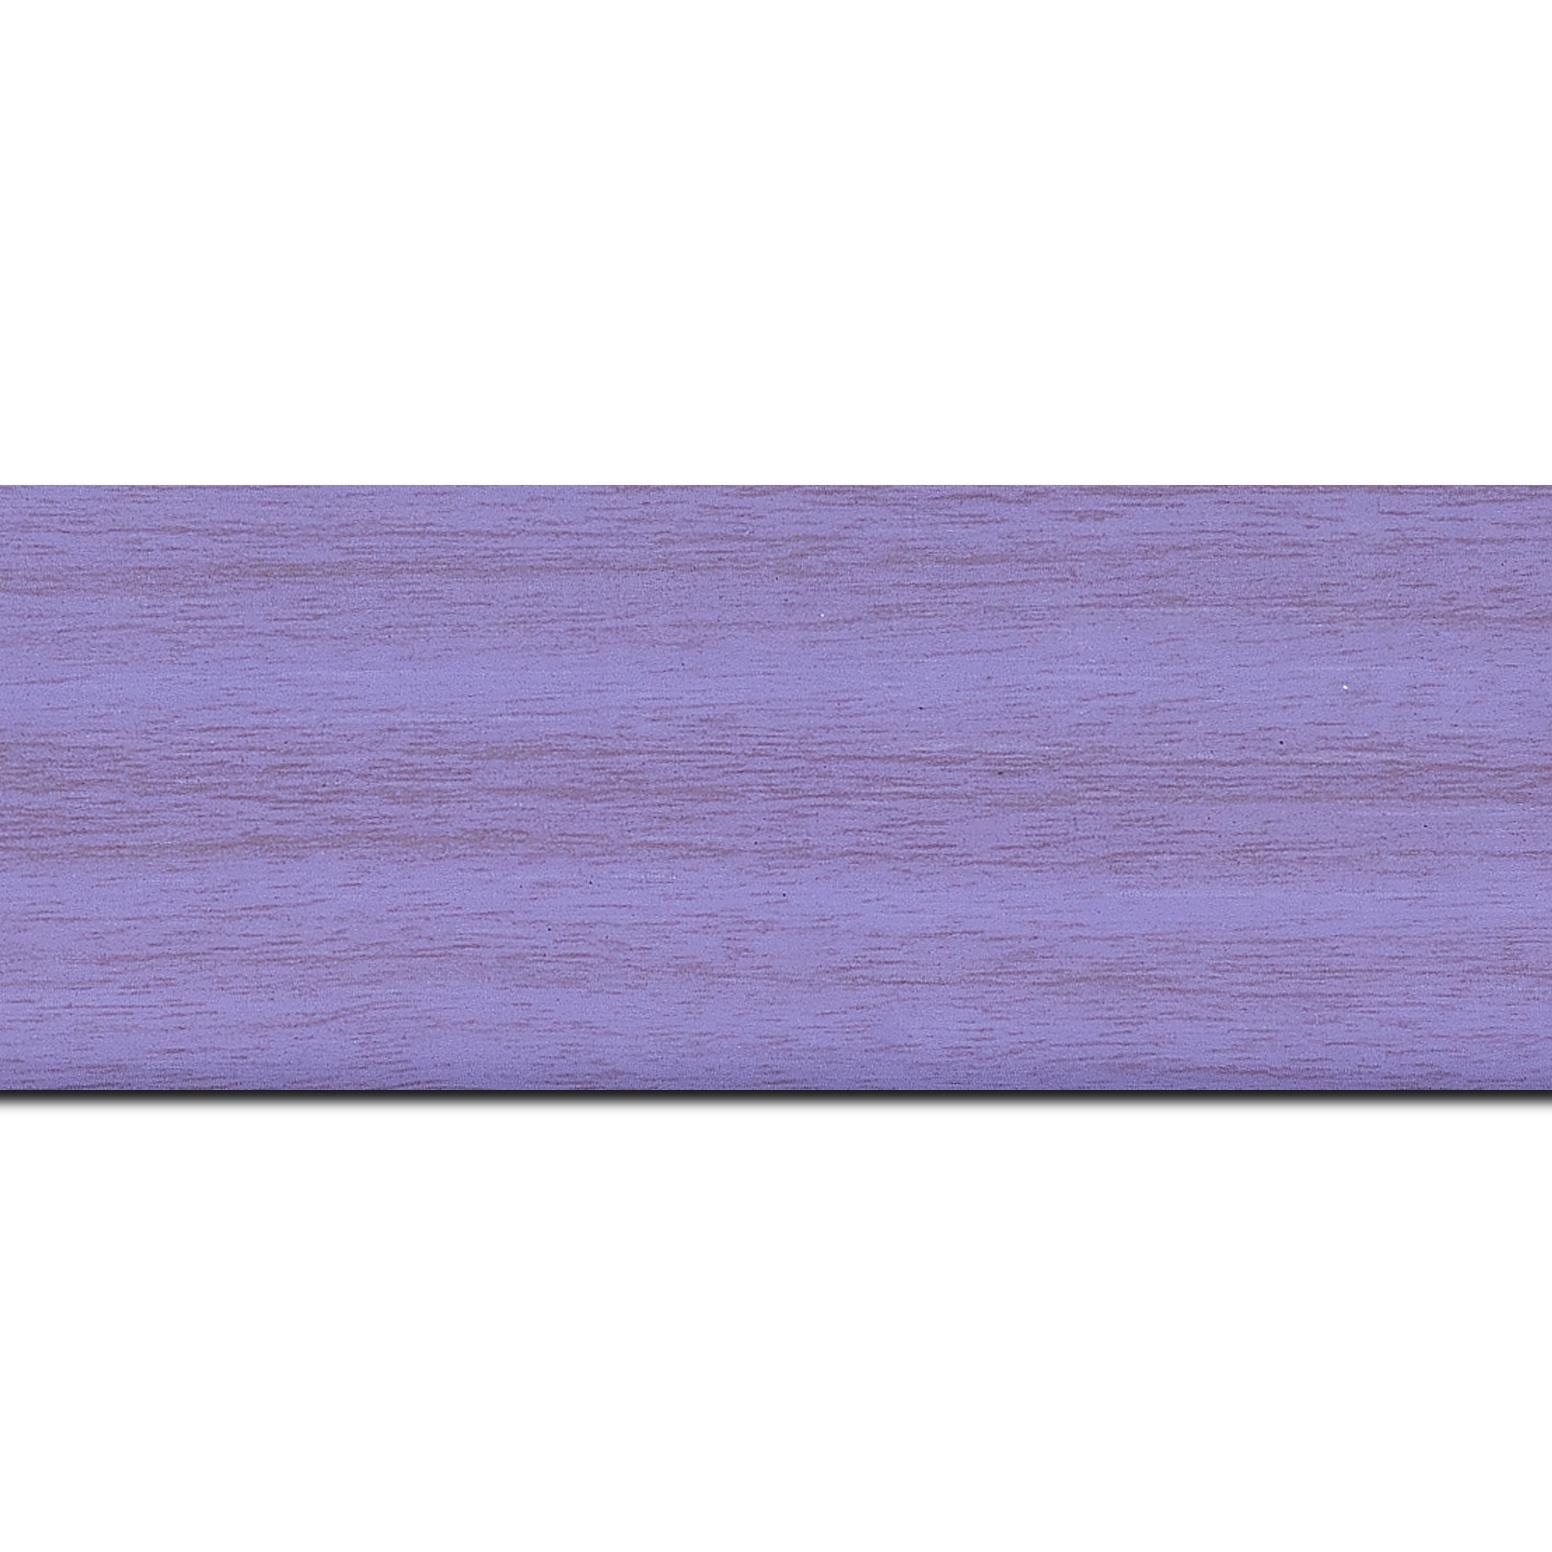 Baguette longueur 1.40m bois profil plat largeur 6cm violet satiné effet veiné ,chant extérieur du cadre de couleur noire